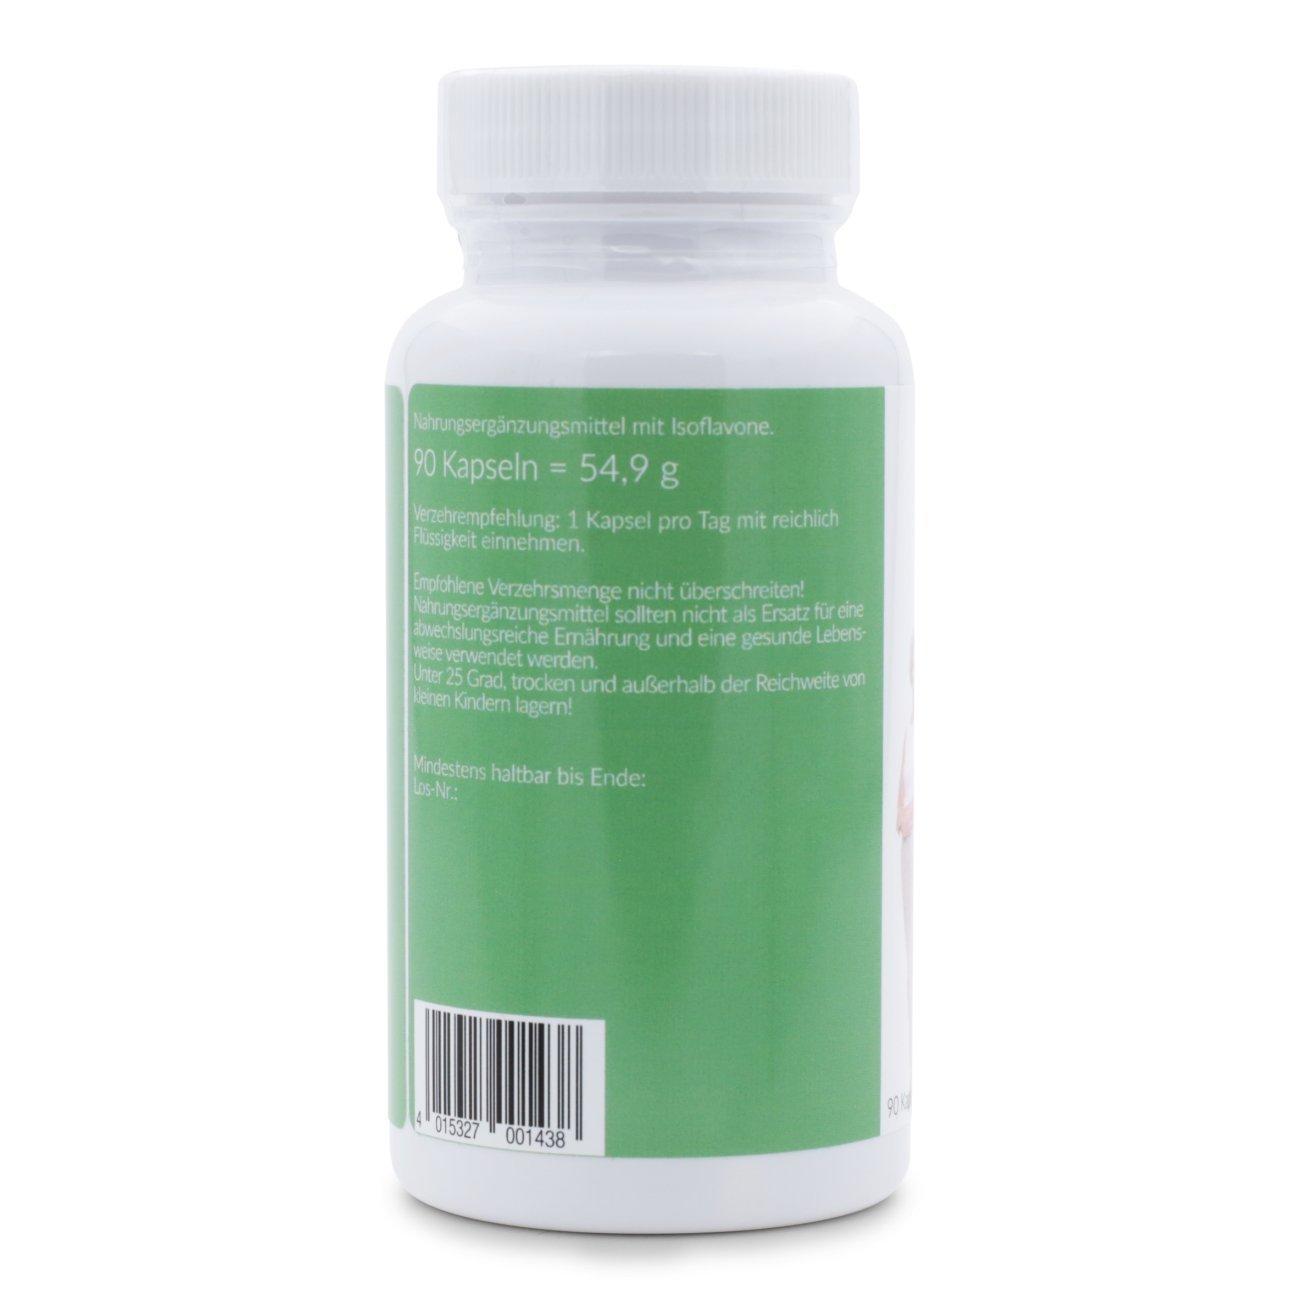 Isoflavonas de soja (capsulas) - síntomas de la menopausia - Menopausia - Bochornos - Cambios de humor - Sudor - 90 cápsulas: Amazon.es: Salud y cuidado ...